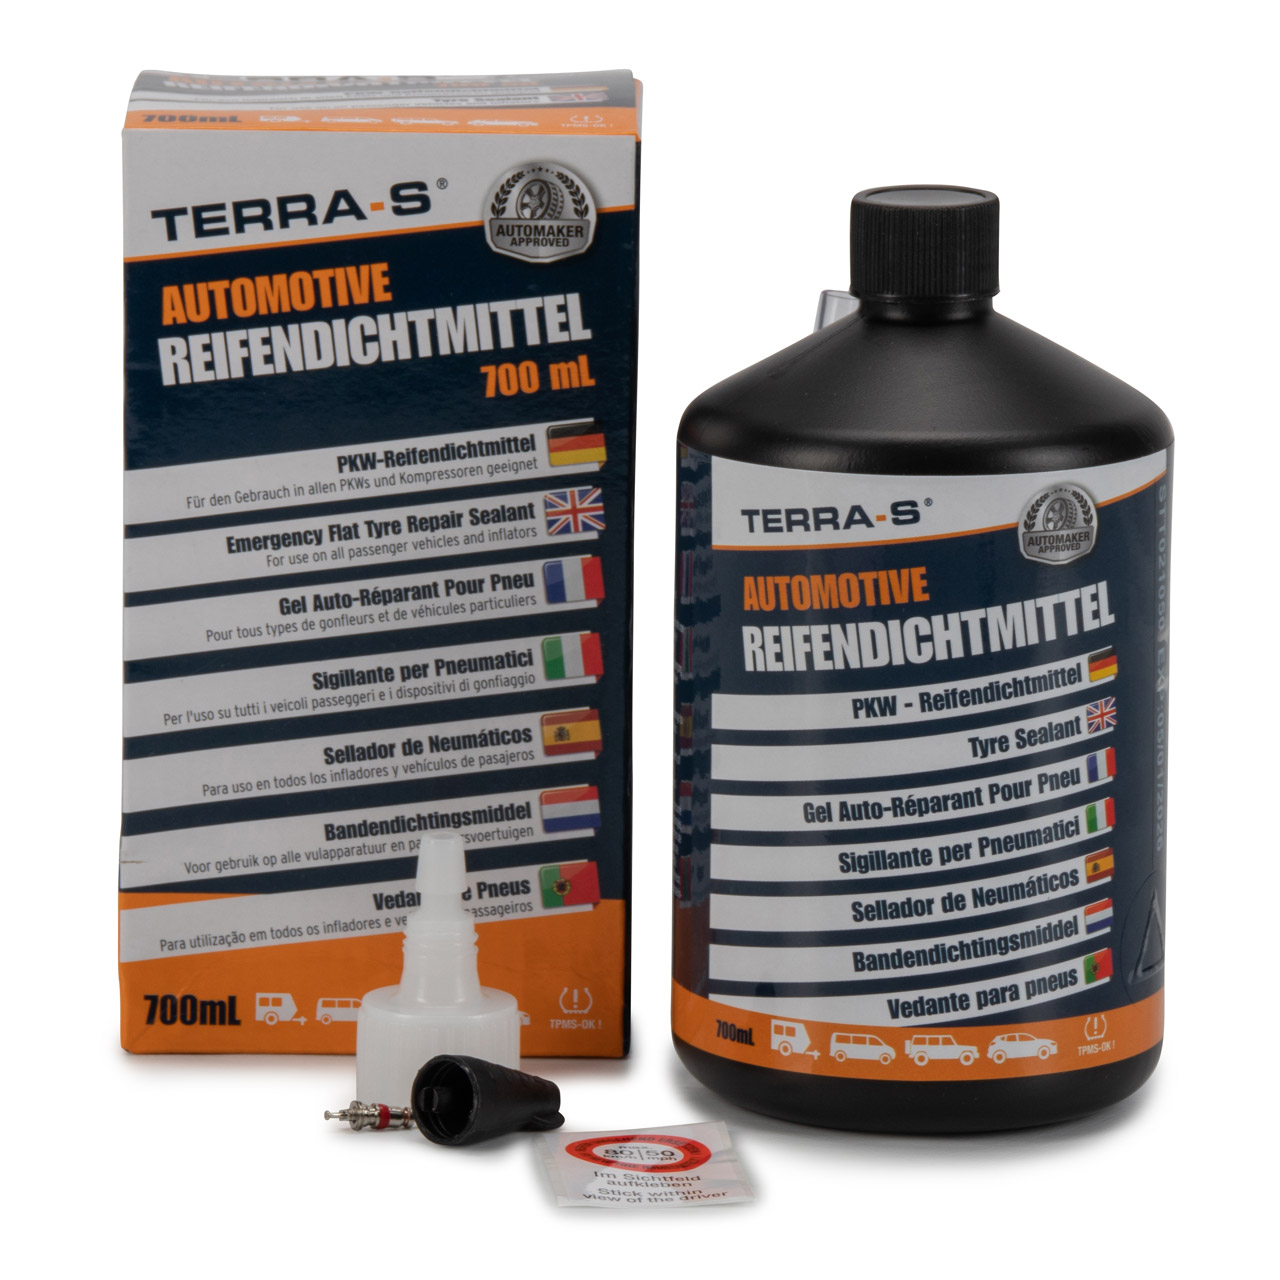 TERRA S T16001 Reifendichtmittel Nachfüllflasche Ersatzflasche Pannenset 700ml